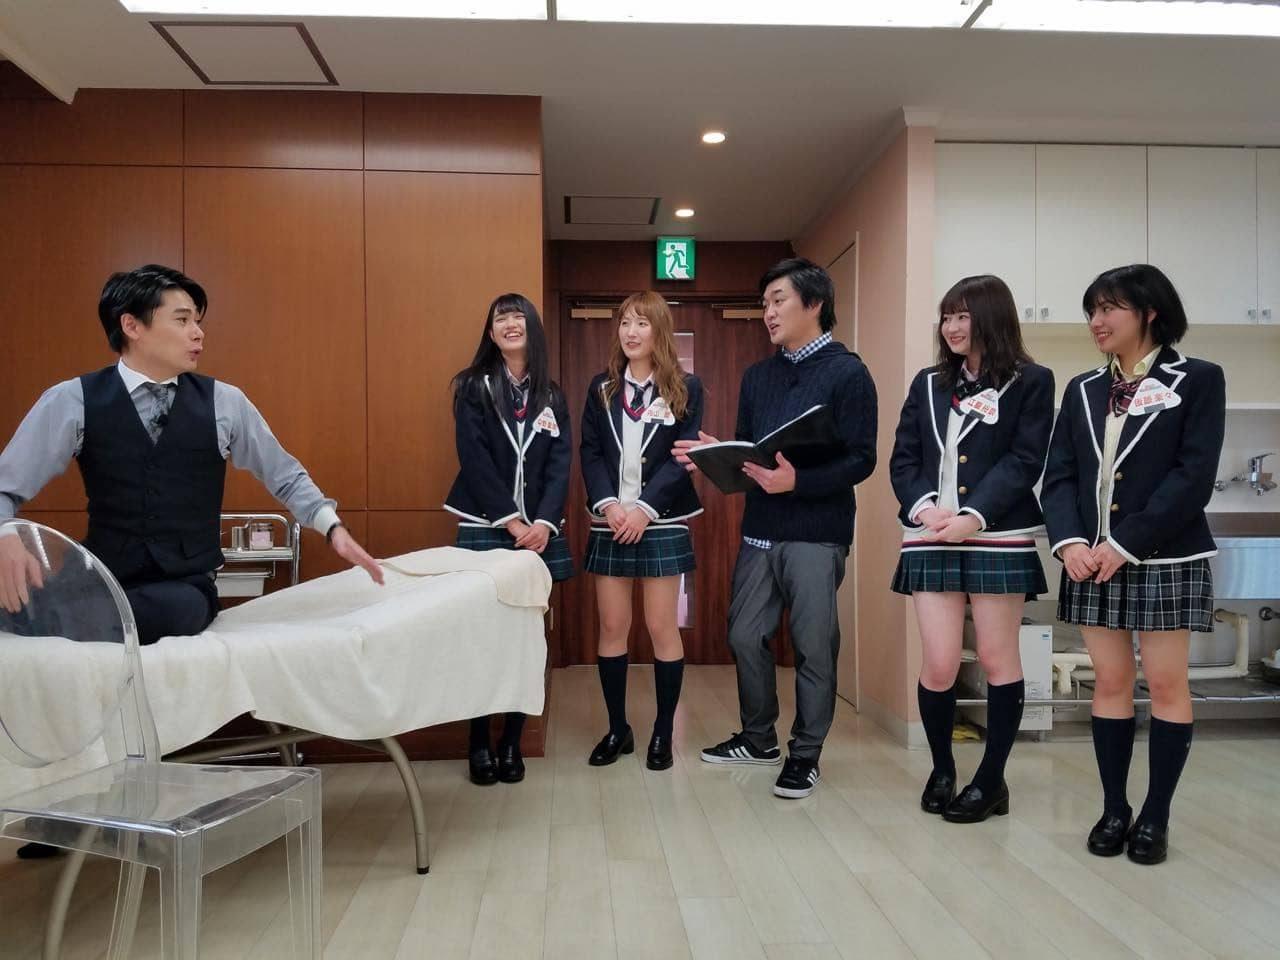 東海テレビ「SKE48 むすびのイチバン!」美の専門学校でキレイを学ぶ! [1/22 24:40~]